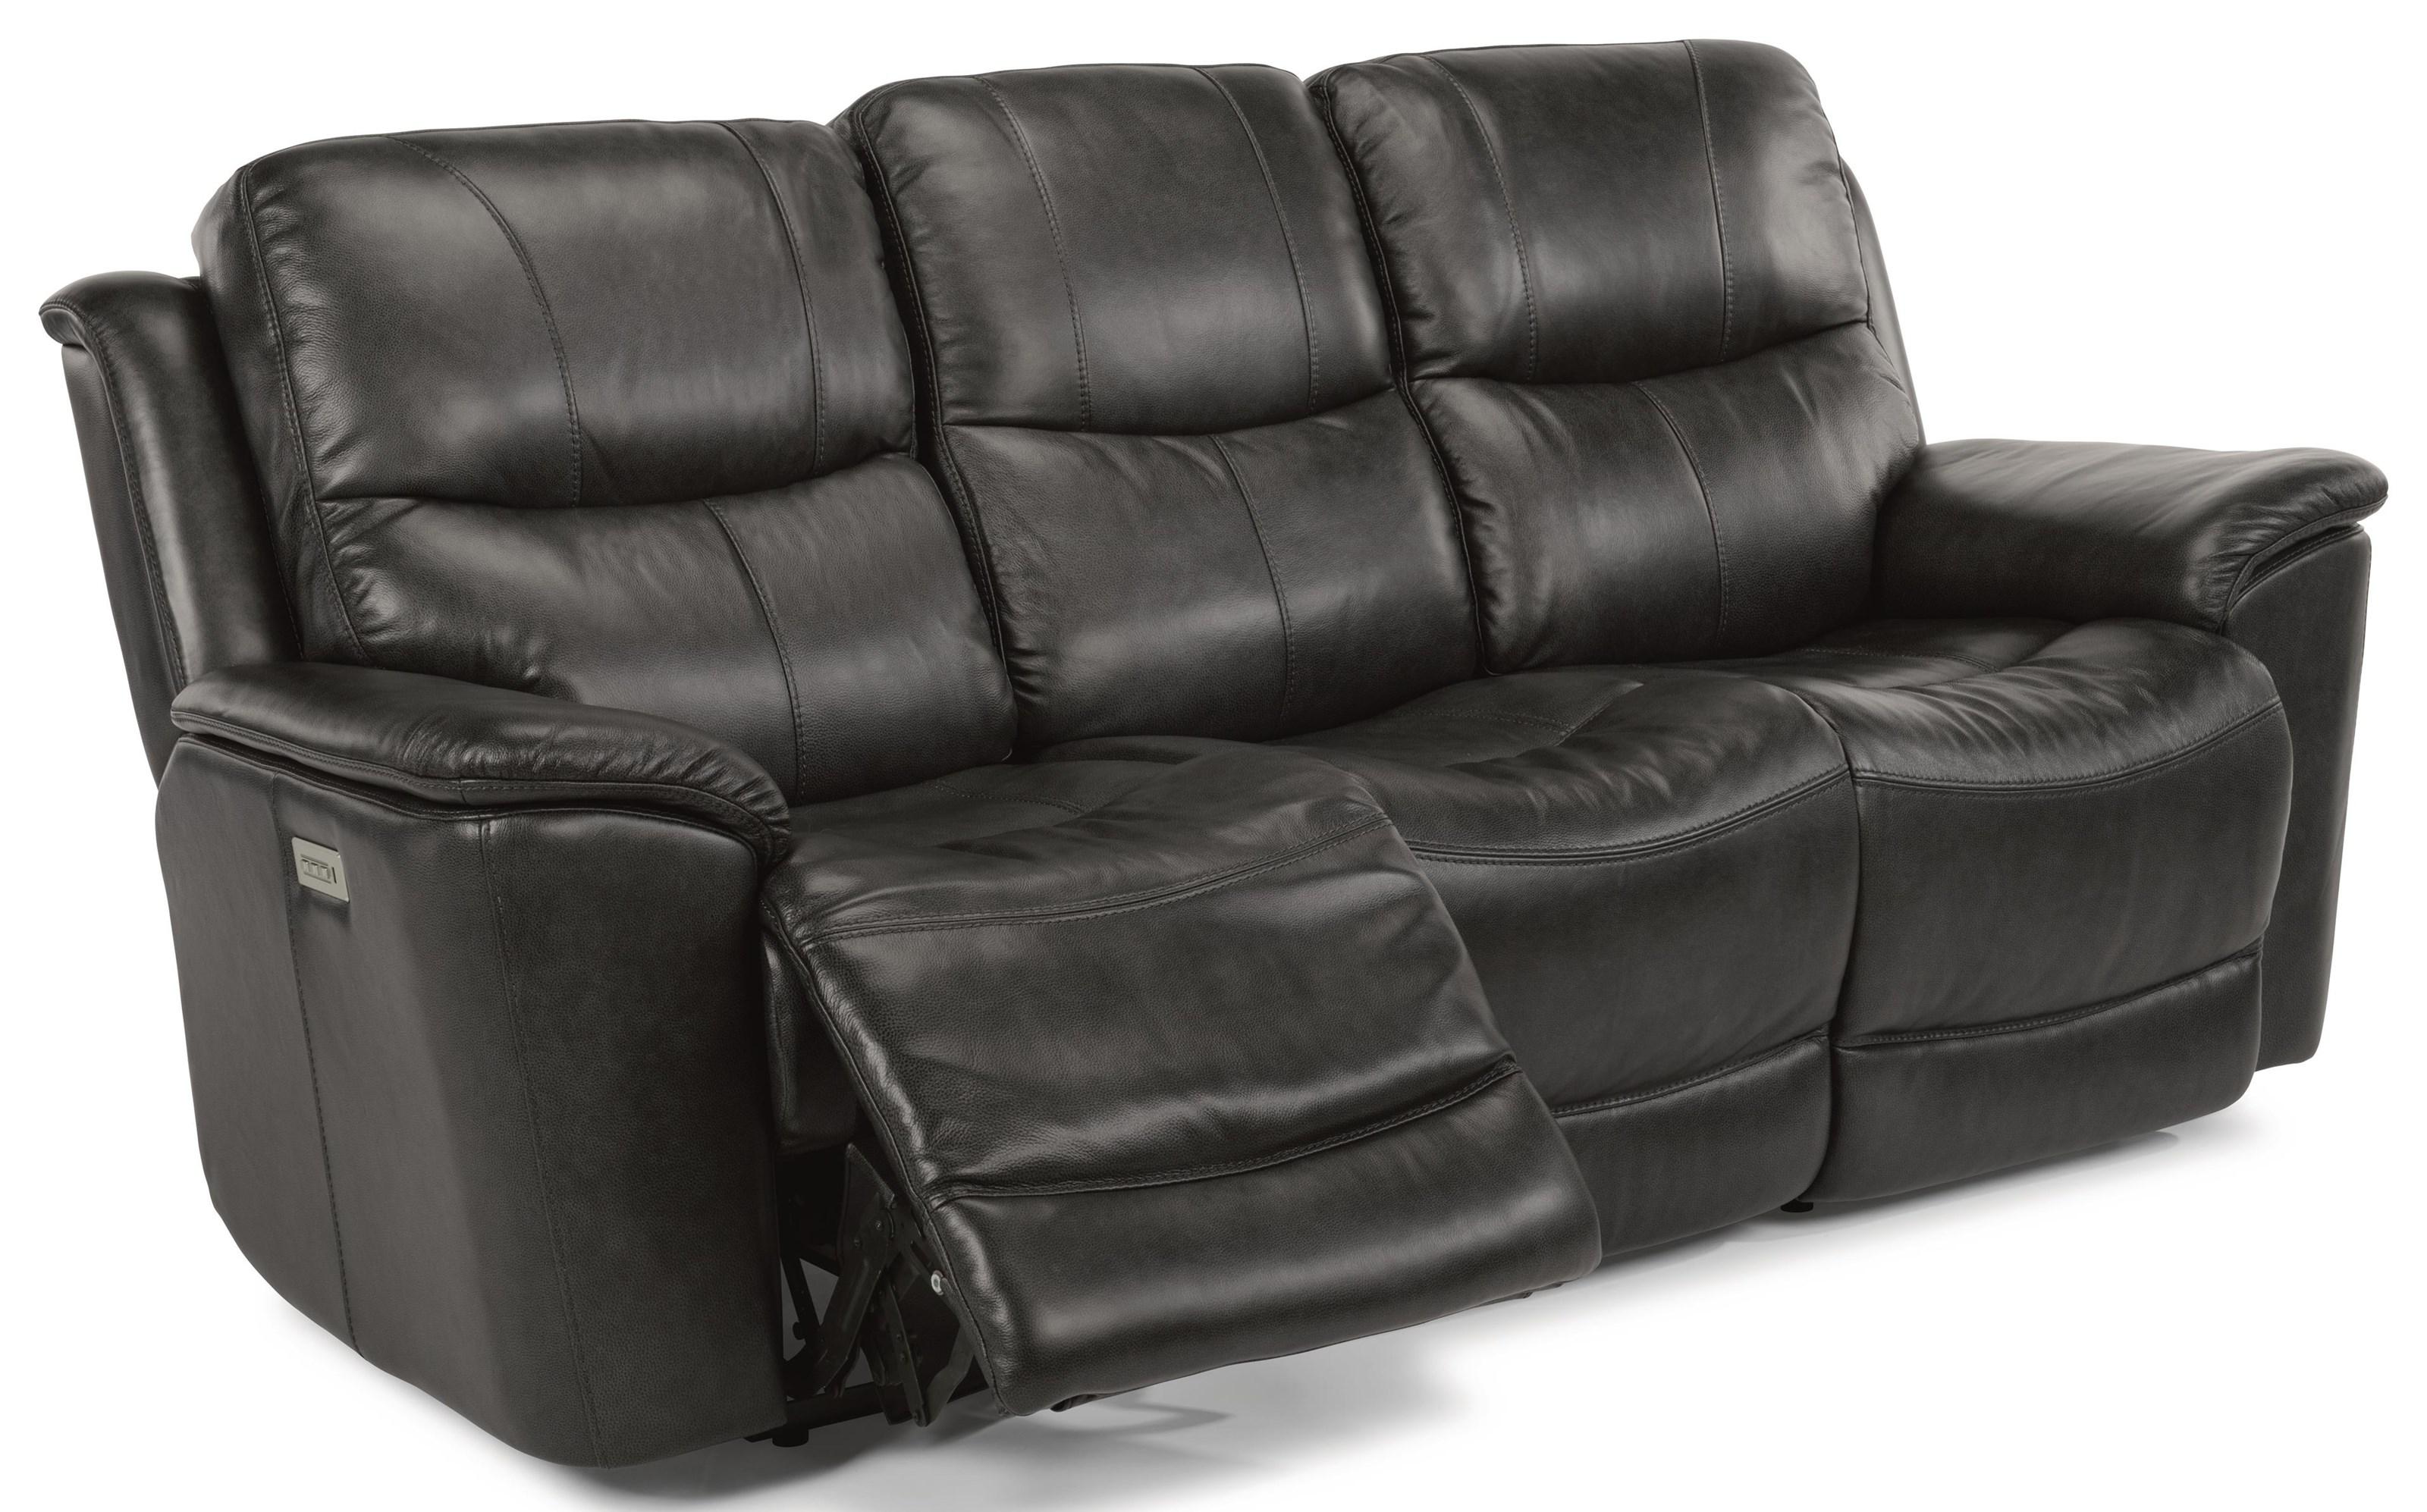 Cade Power Recline, Headrest & Lumbar Sofa by Flexsteel at Westrich Furniture & Appliances